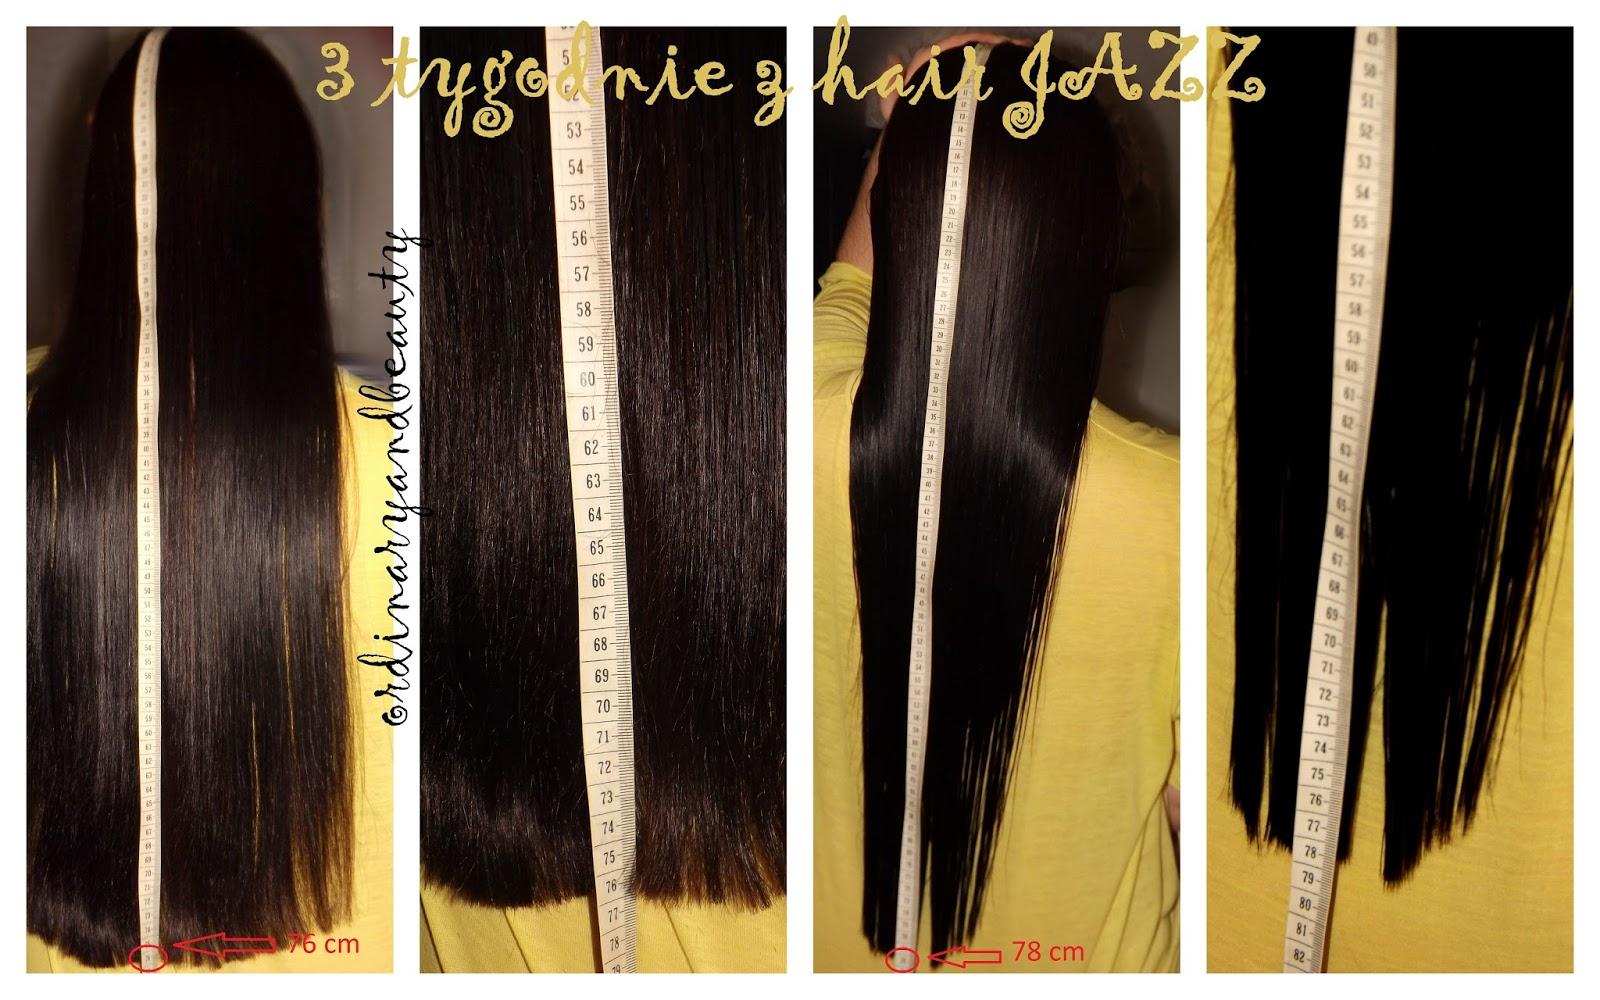 ordinary beauty hair jazz czy faktycznie dzia a. Black Bedroom Furniture Sets. Home Design Ideas